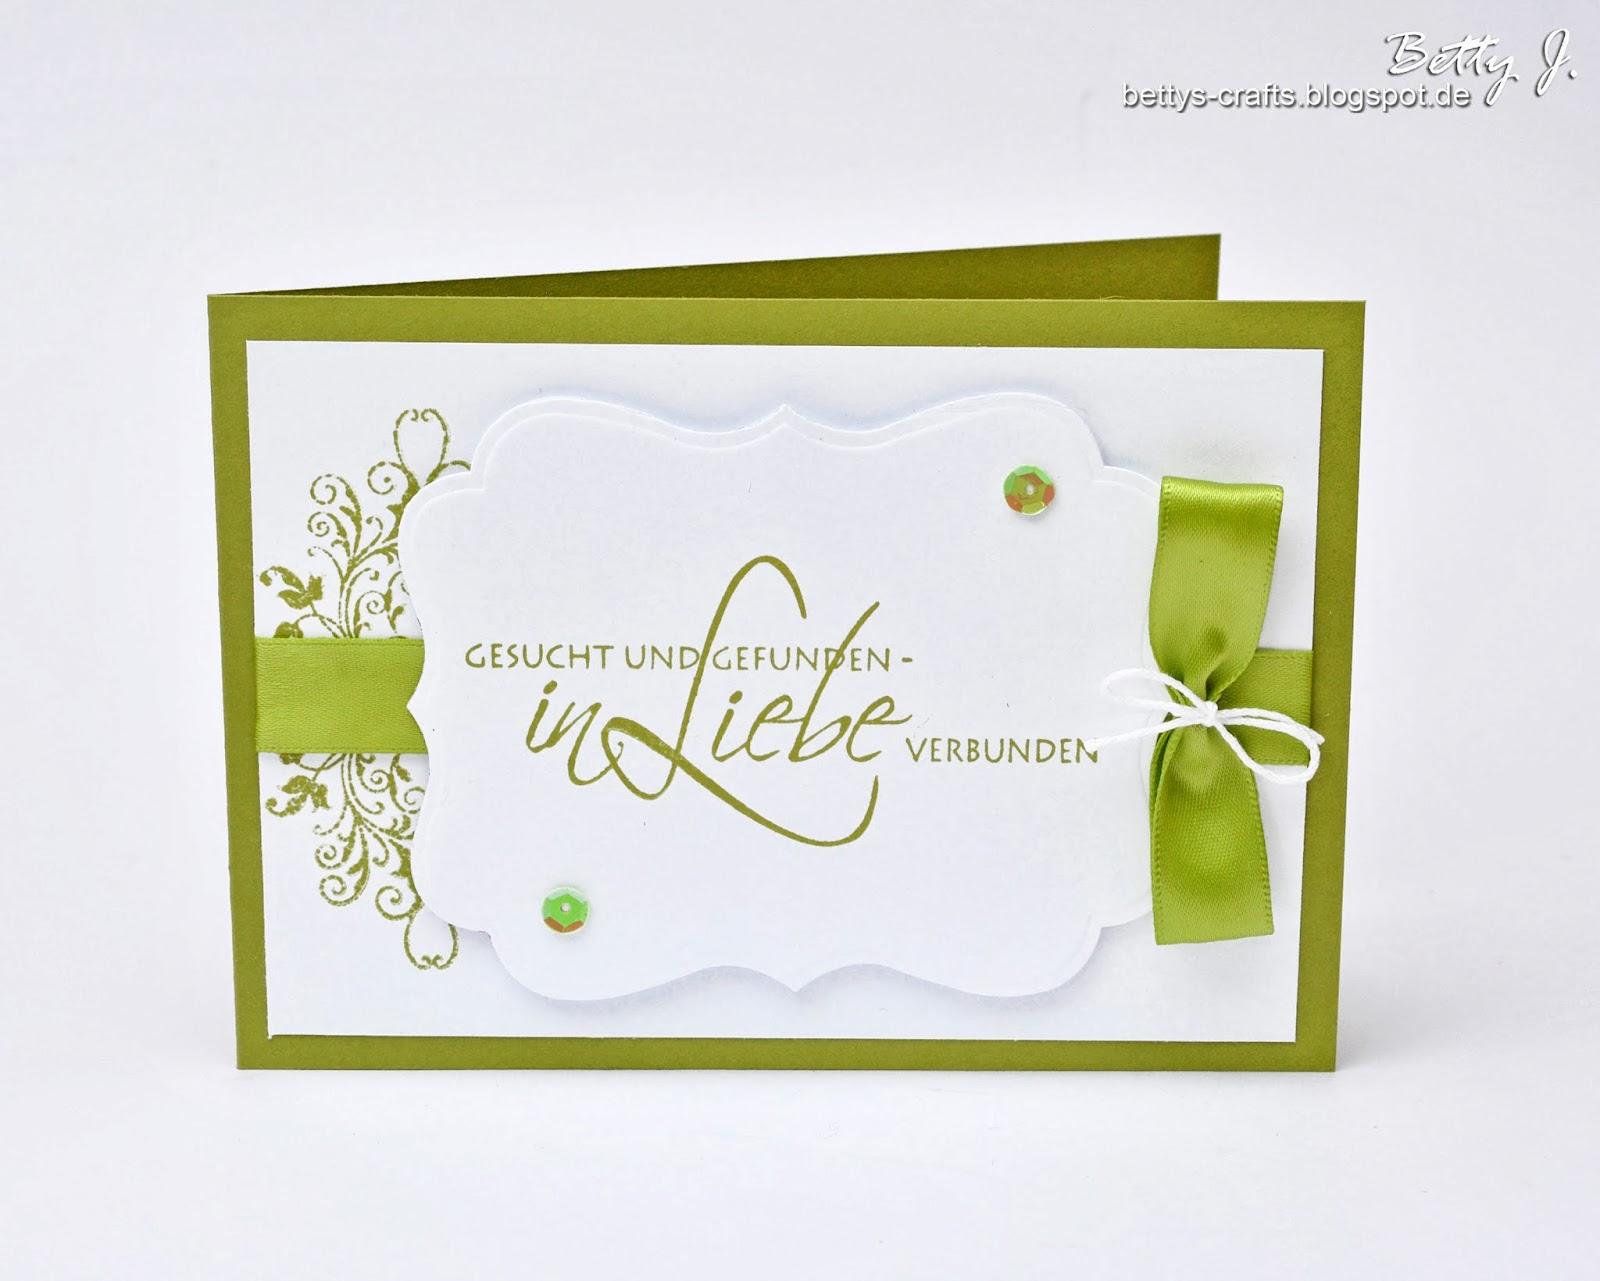 Einladungskarten Richtig Selbst Gestalten So Geht S: Bettys Crafts: Hochzeitsserie